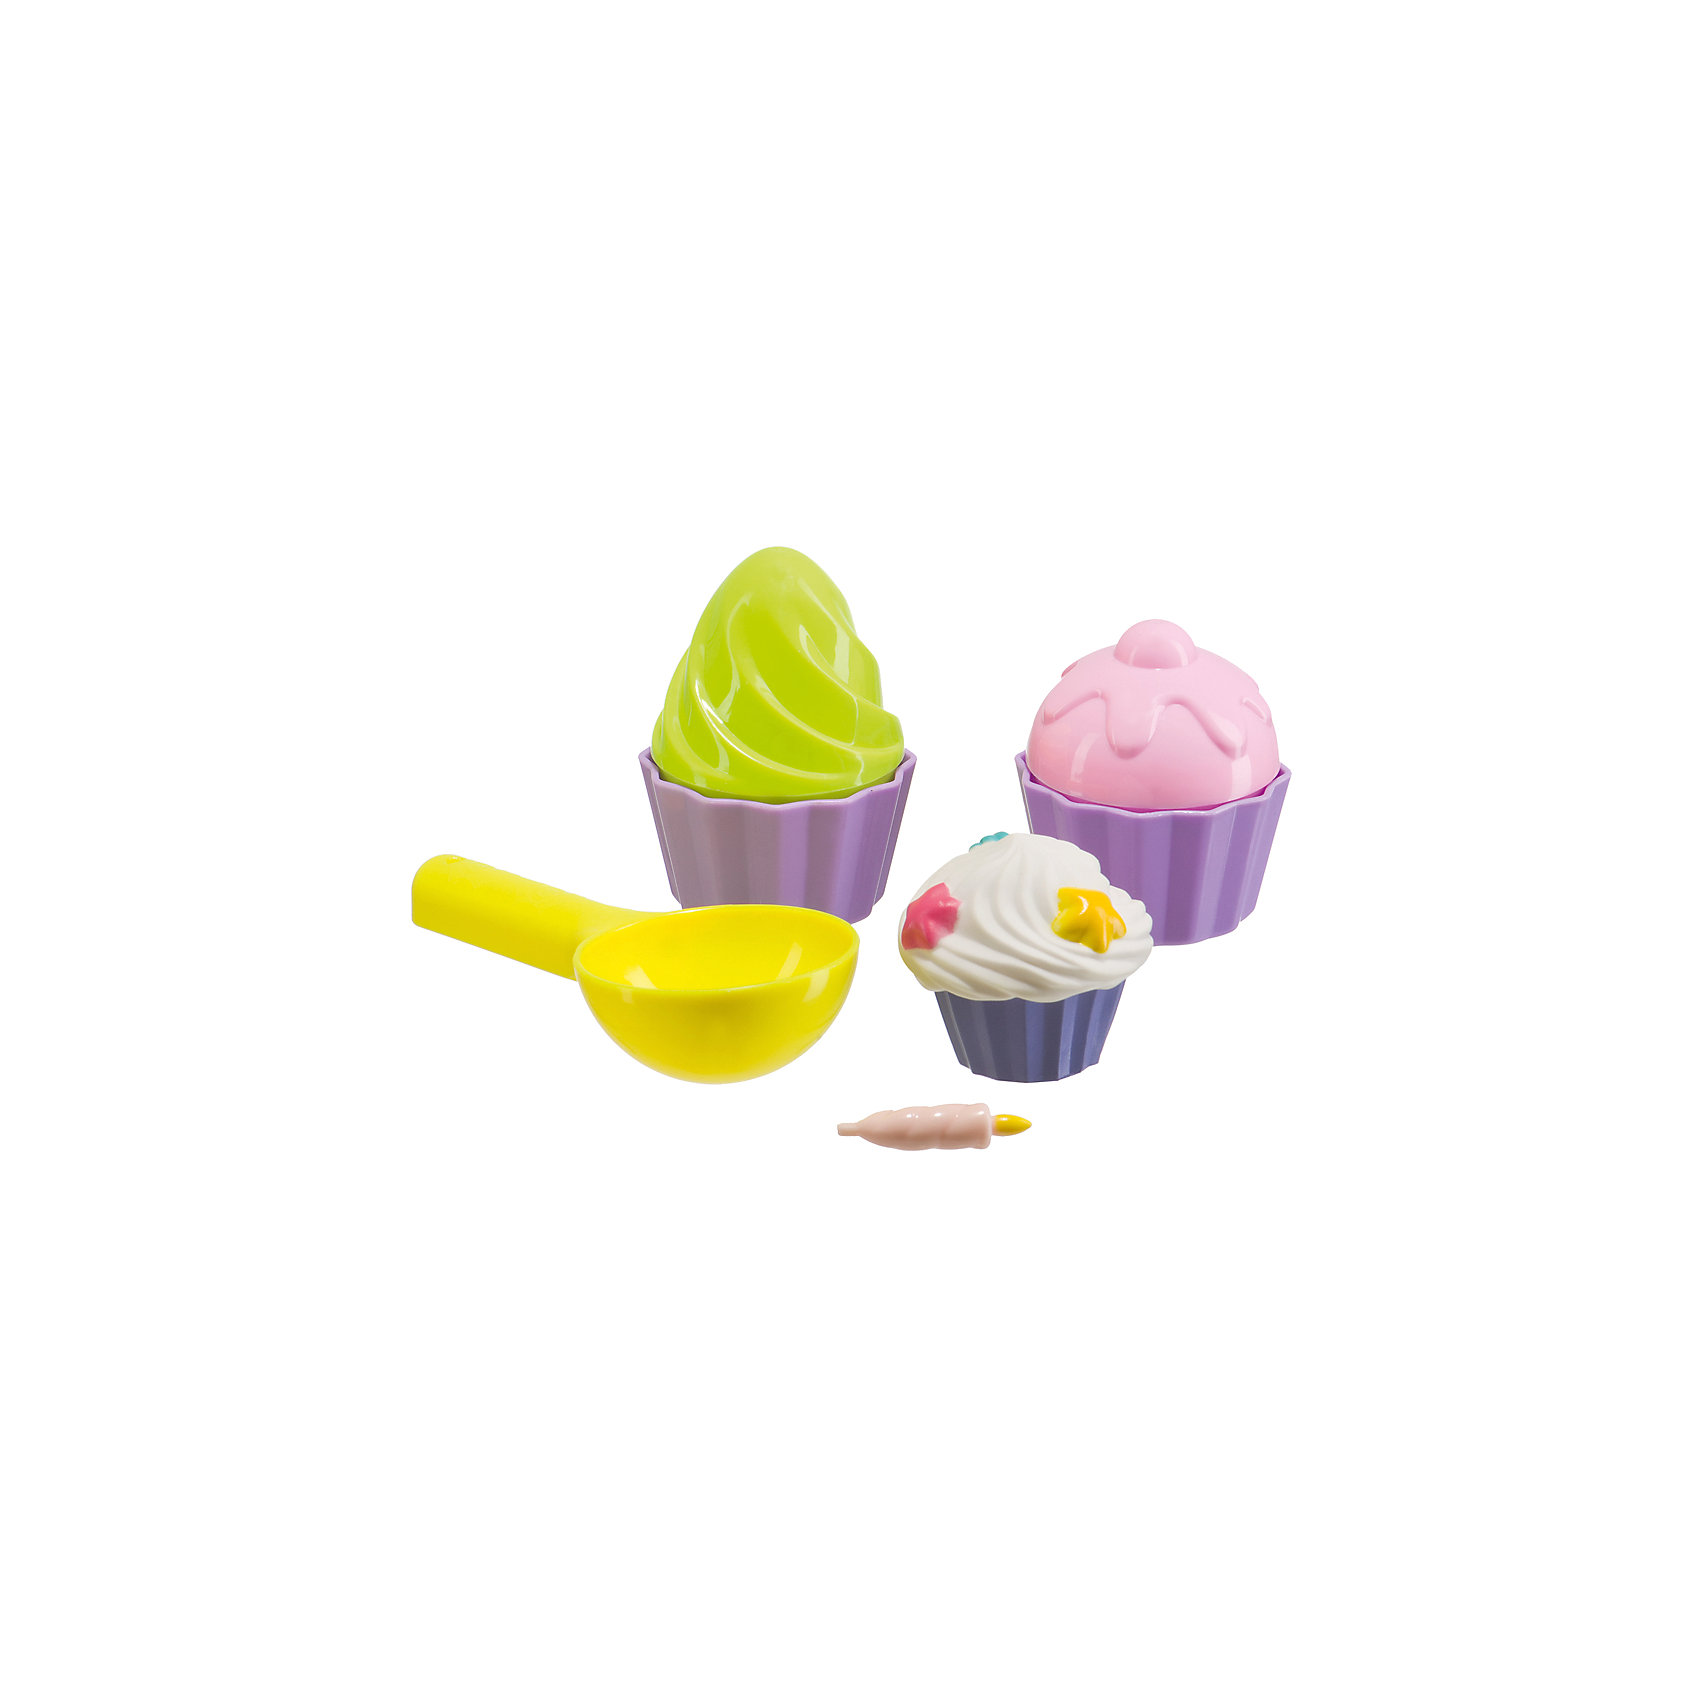 Набор для игр с песком Cake, Happy BabyИграем в песочнице<br>Характеристики:<br><br>• состав набора: 7 предметов;<br>• комплектация: 2 разборные формочки для кексов, ложка, пирожное, свечка;<br>• материал: пластик;<br>• размер упаковки: 16,5х9х9 см;<br>• вес: 80 г.<br><br>Игровой набор для песочницы – это возможность приготовить различные пирожные из песка, угостить друзей, развить фантазию. Разборные формочки для кексов и пирожных помогут создать куличи из песка. В комплект входит игрушечная свечка – можно устроить день рождения и предложить имениннику задуть свечу. <br><br>Набор для игр с песком Cake, Happy Baby можно купить в нашем интернет-магазине.<br><br>Ширина мм: 90<br>Глубина мм: 90<br>Высота мм: 165<br>Вес г: 80<br>Возраст от месяцев: 36<br>Возраст до месяцев: 2147483647<br>Пол: Унисекс<br>Возраст: Детский<br>SKU: 6679319